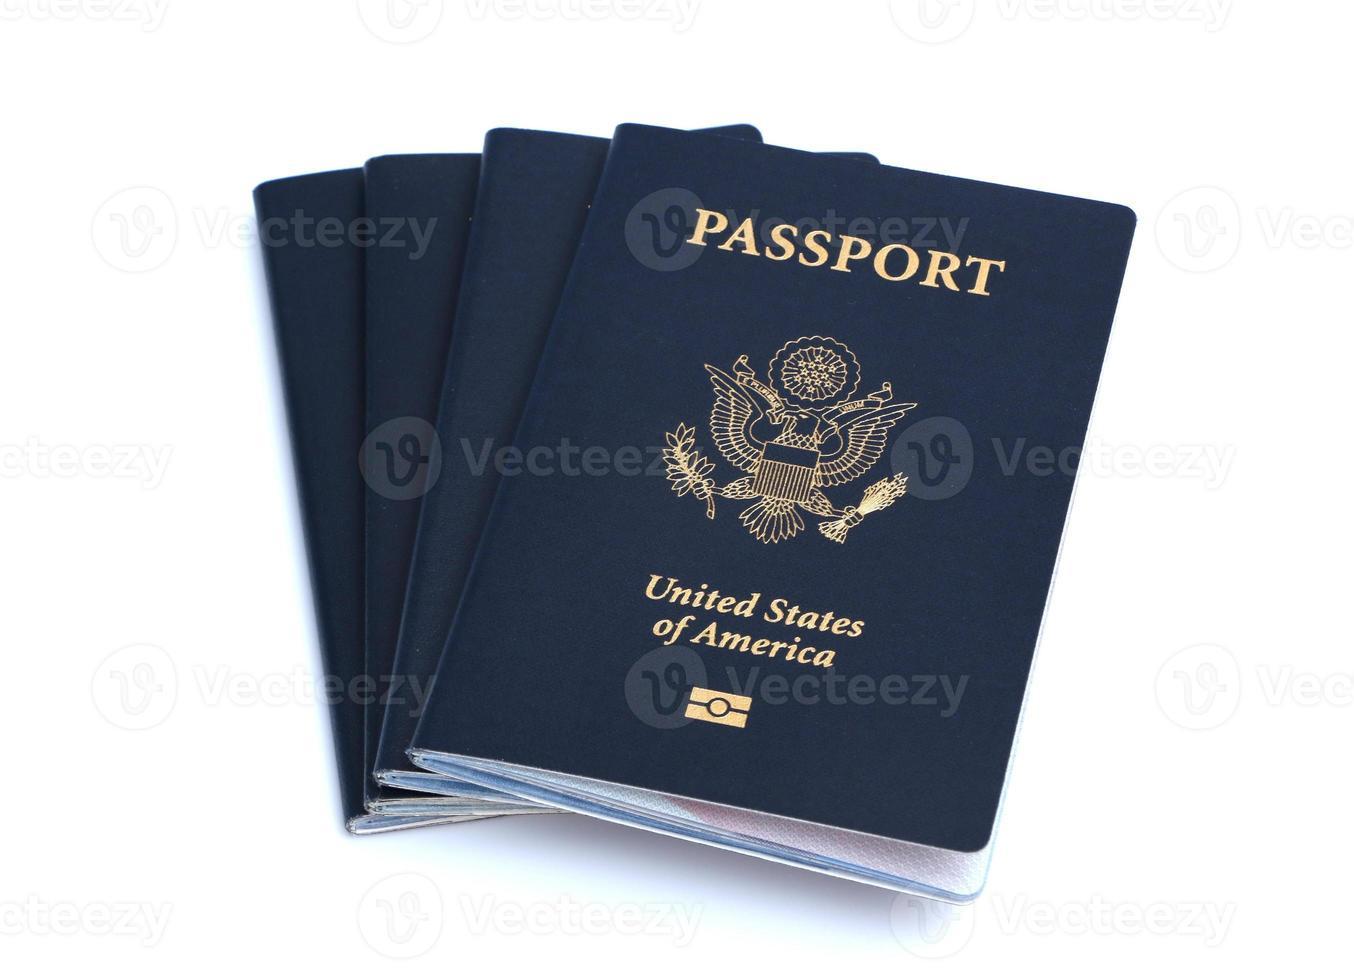 Passports photo